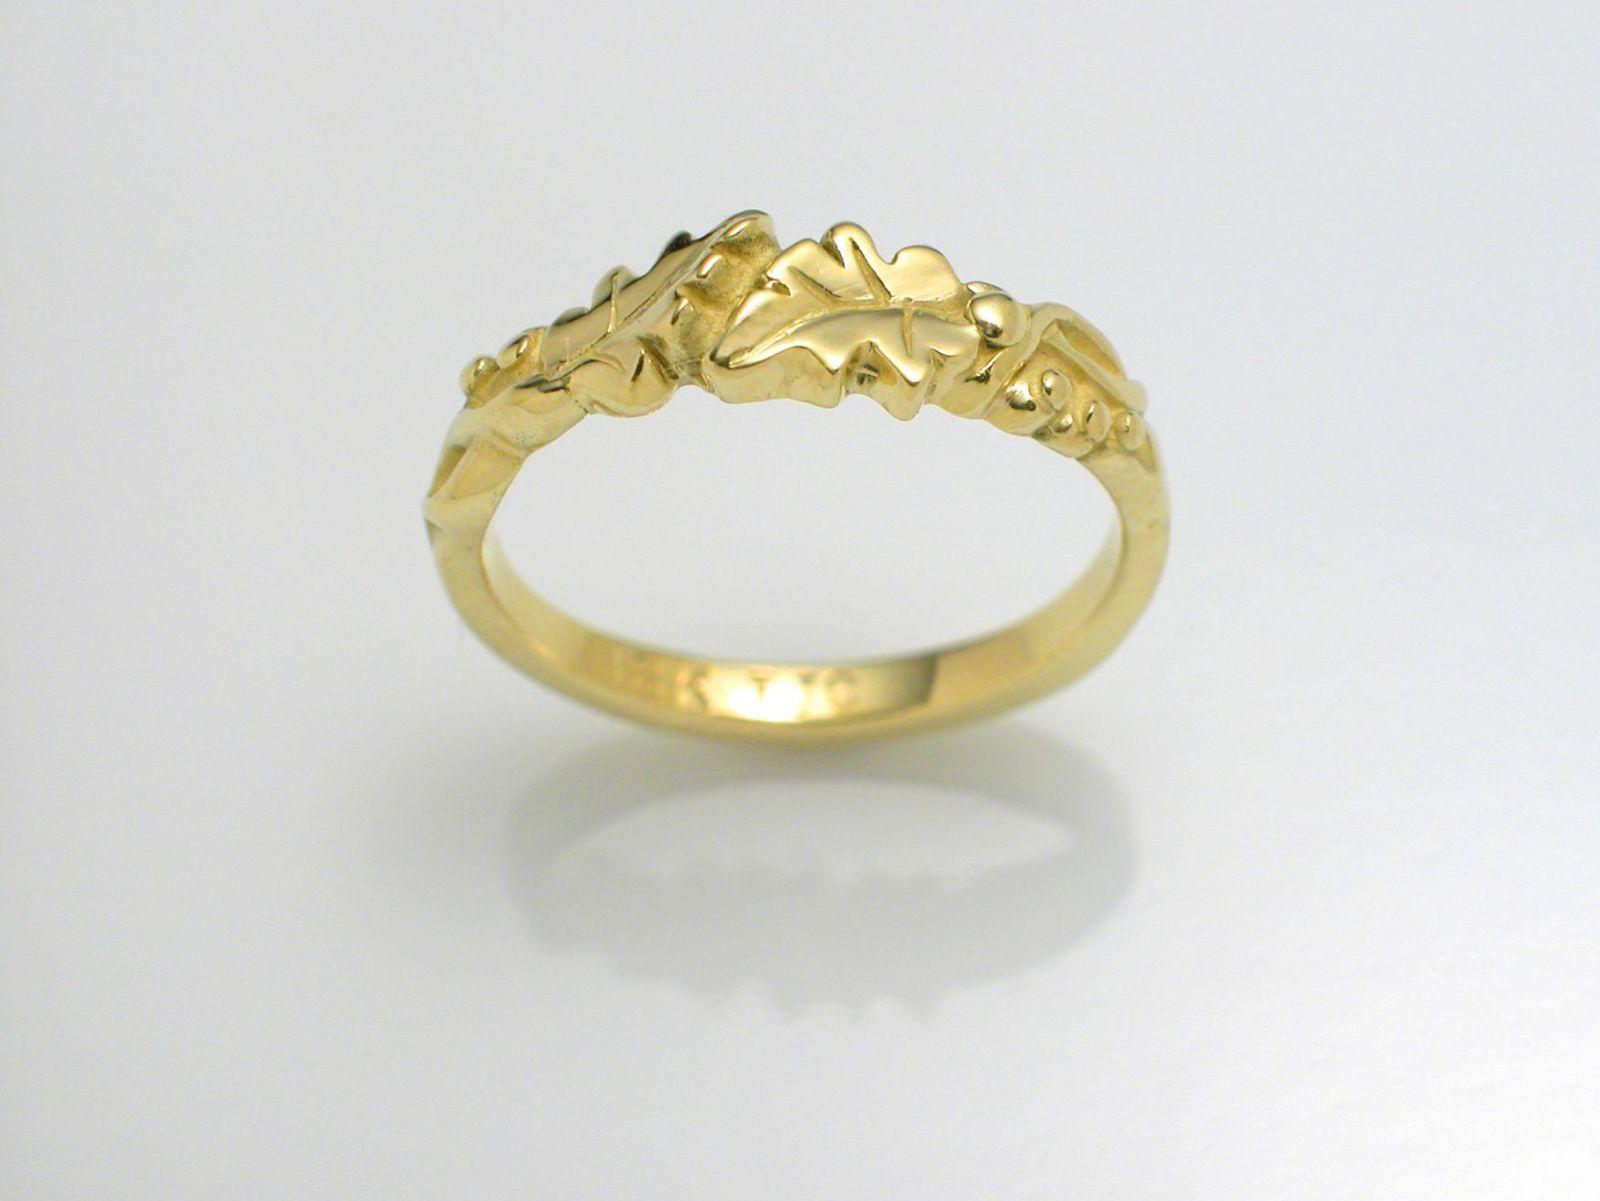 Oak Leaf Byp Ring 18k Gold